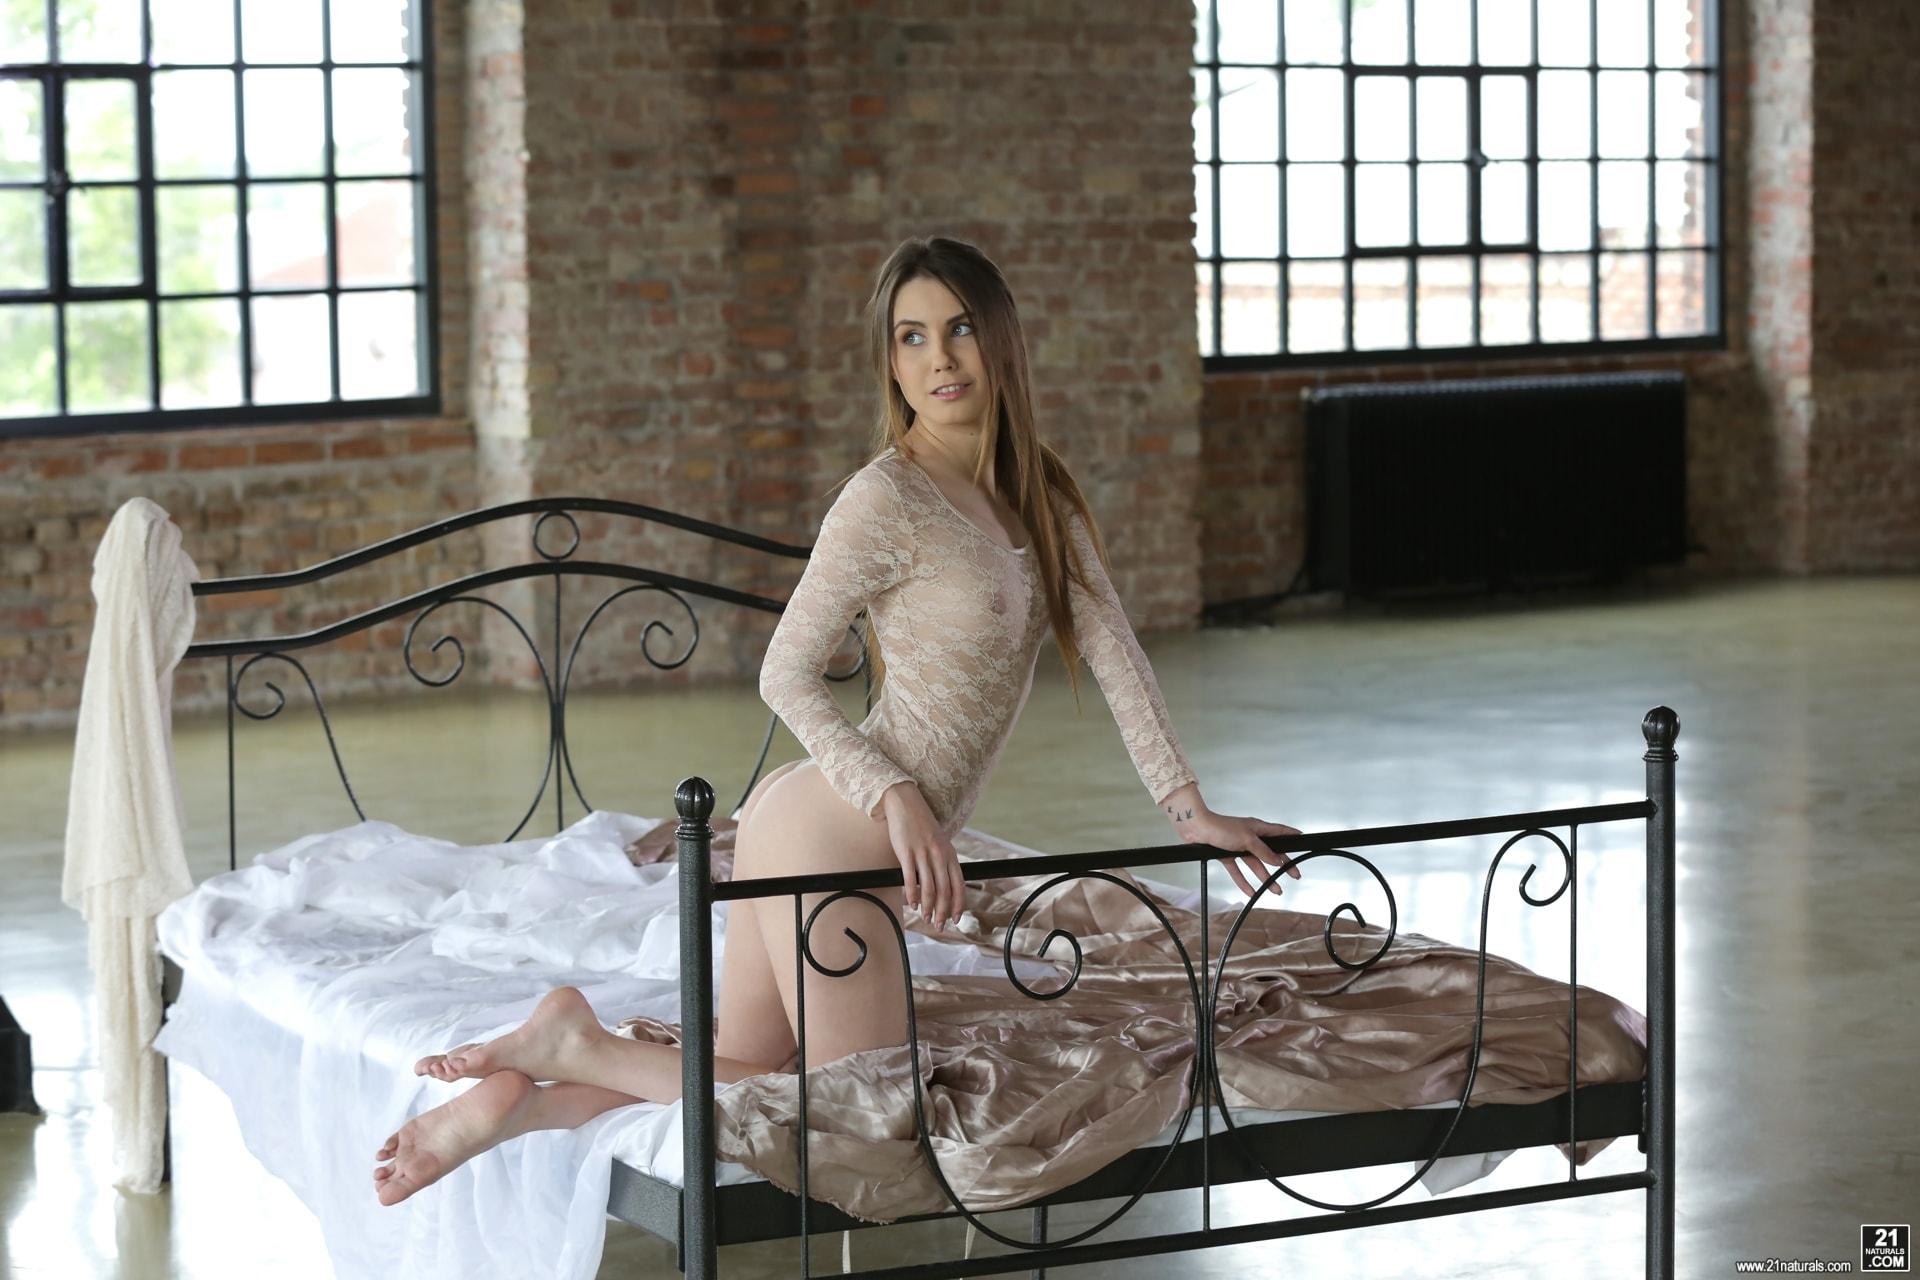 21Sextury 'Backdoor Loving' starring Elle Rose (Photo 18)